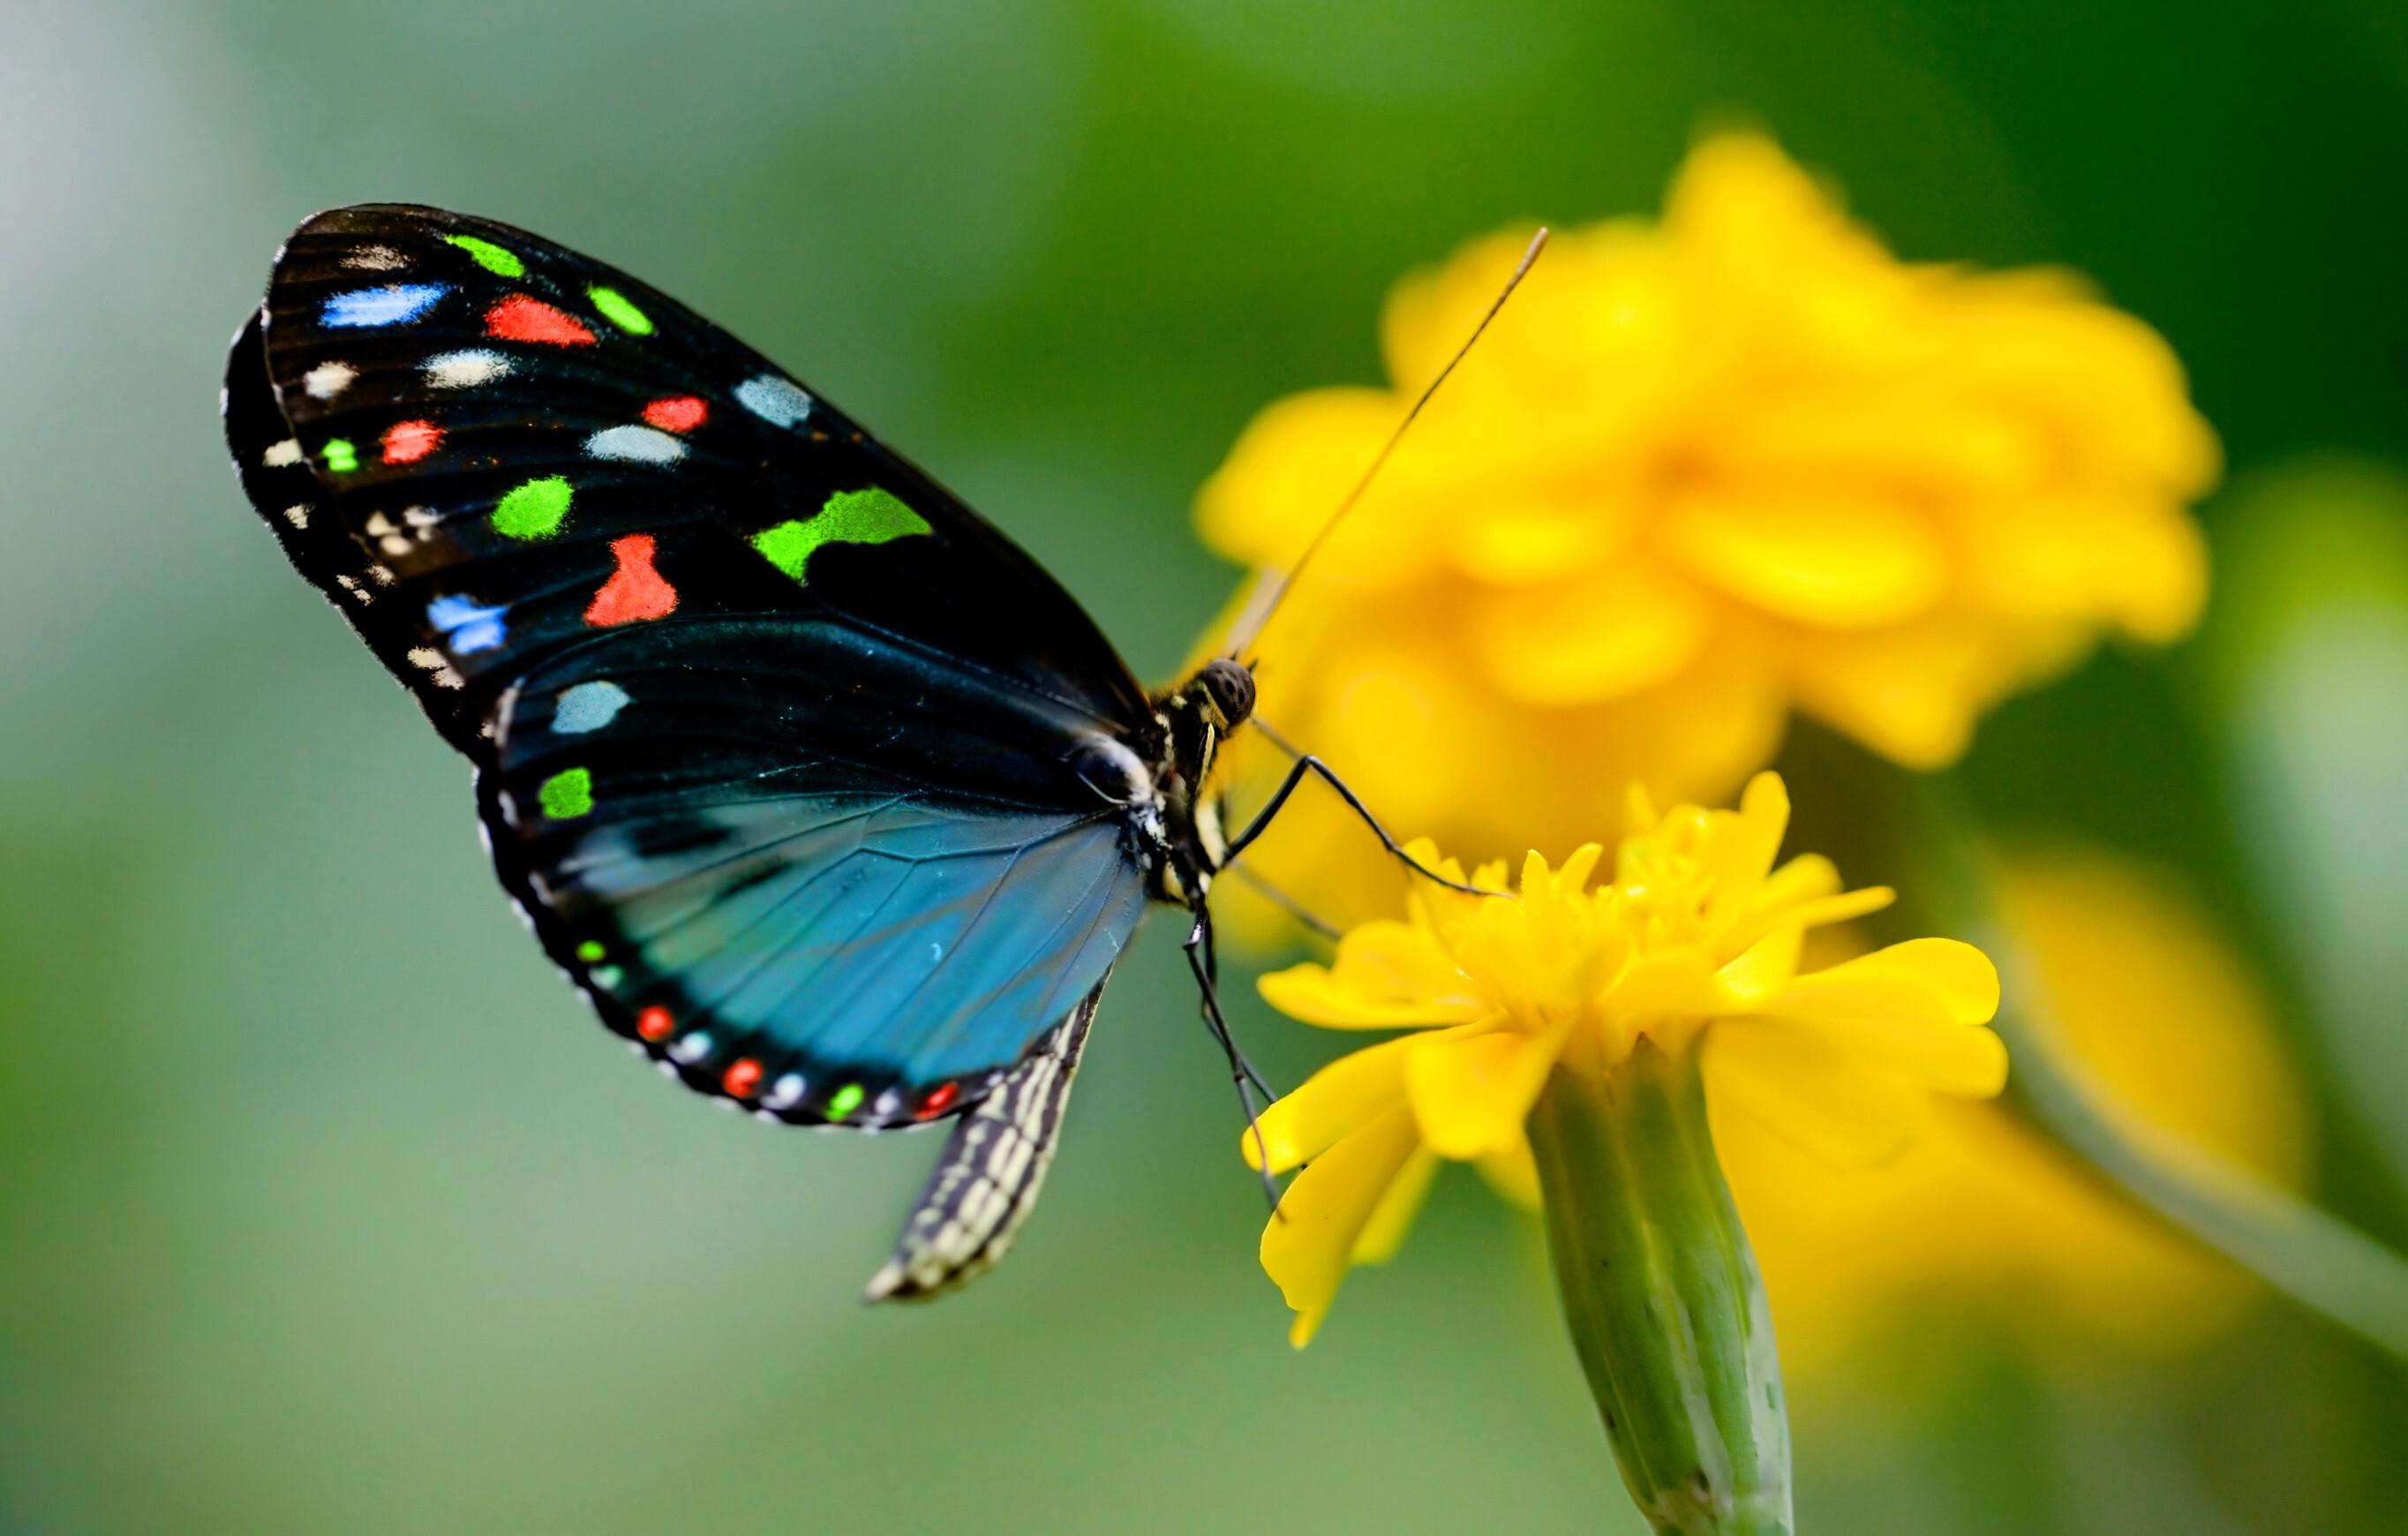 Beautiful Butterfly Wallpaper | HD Wallpapers